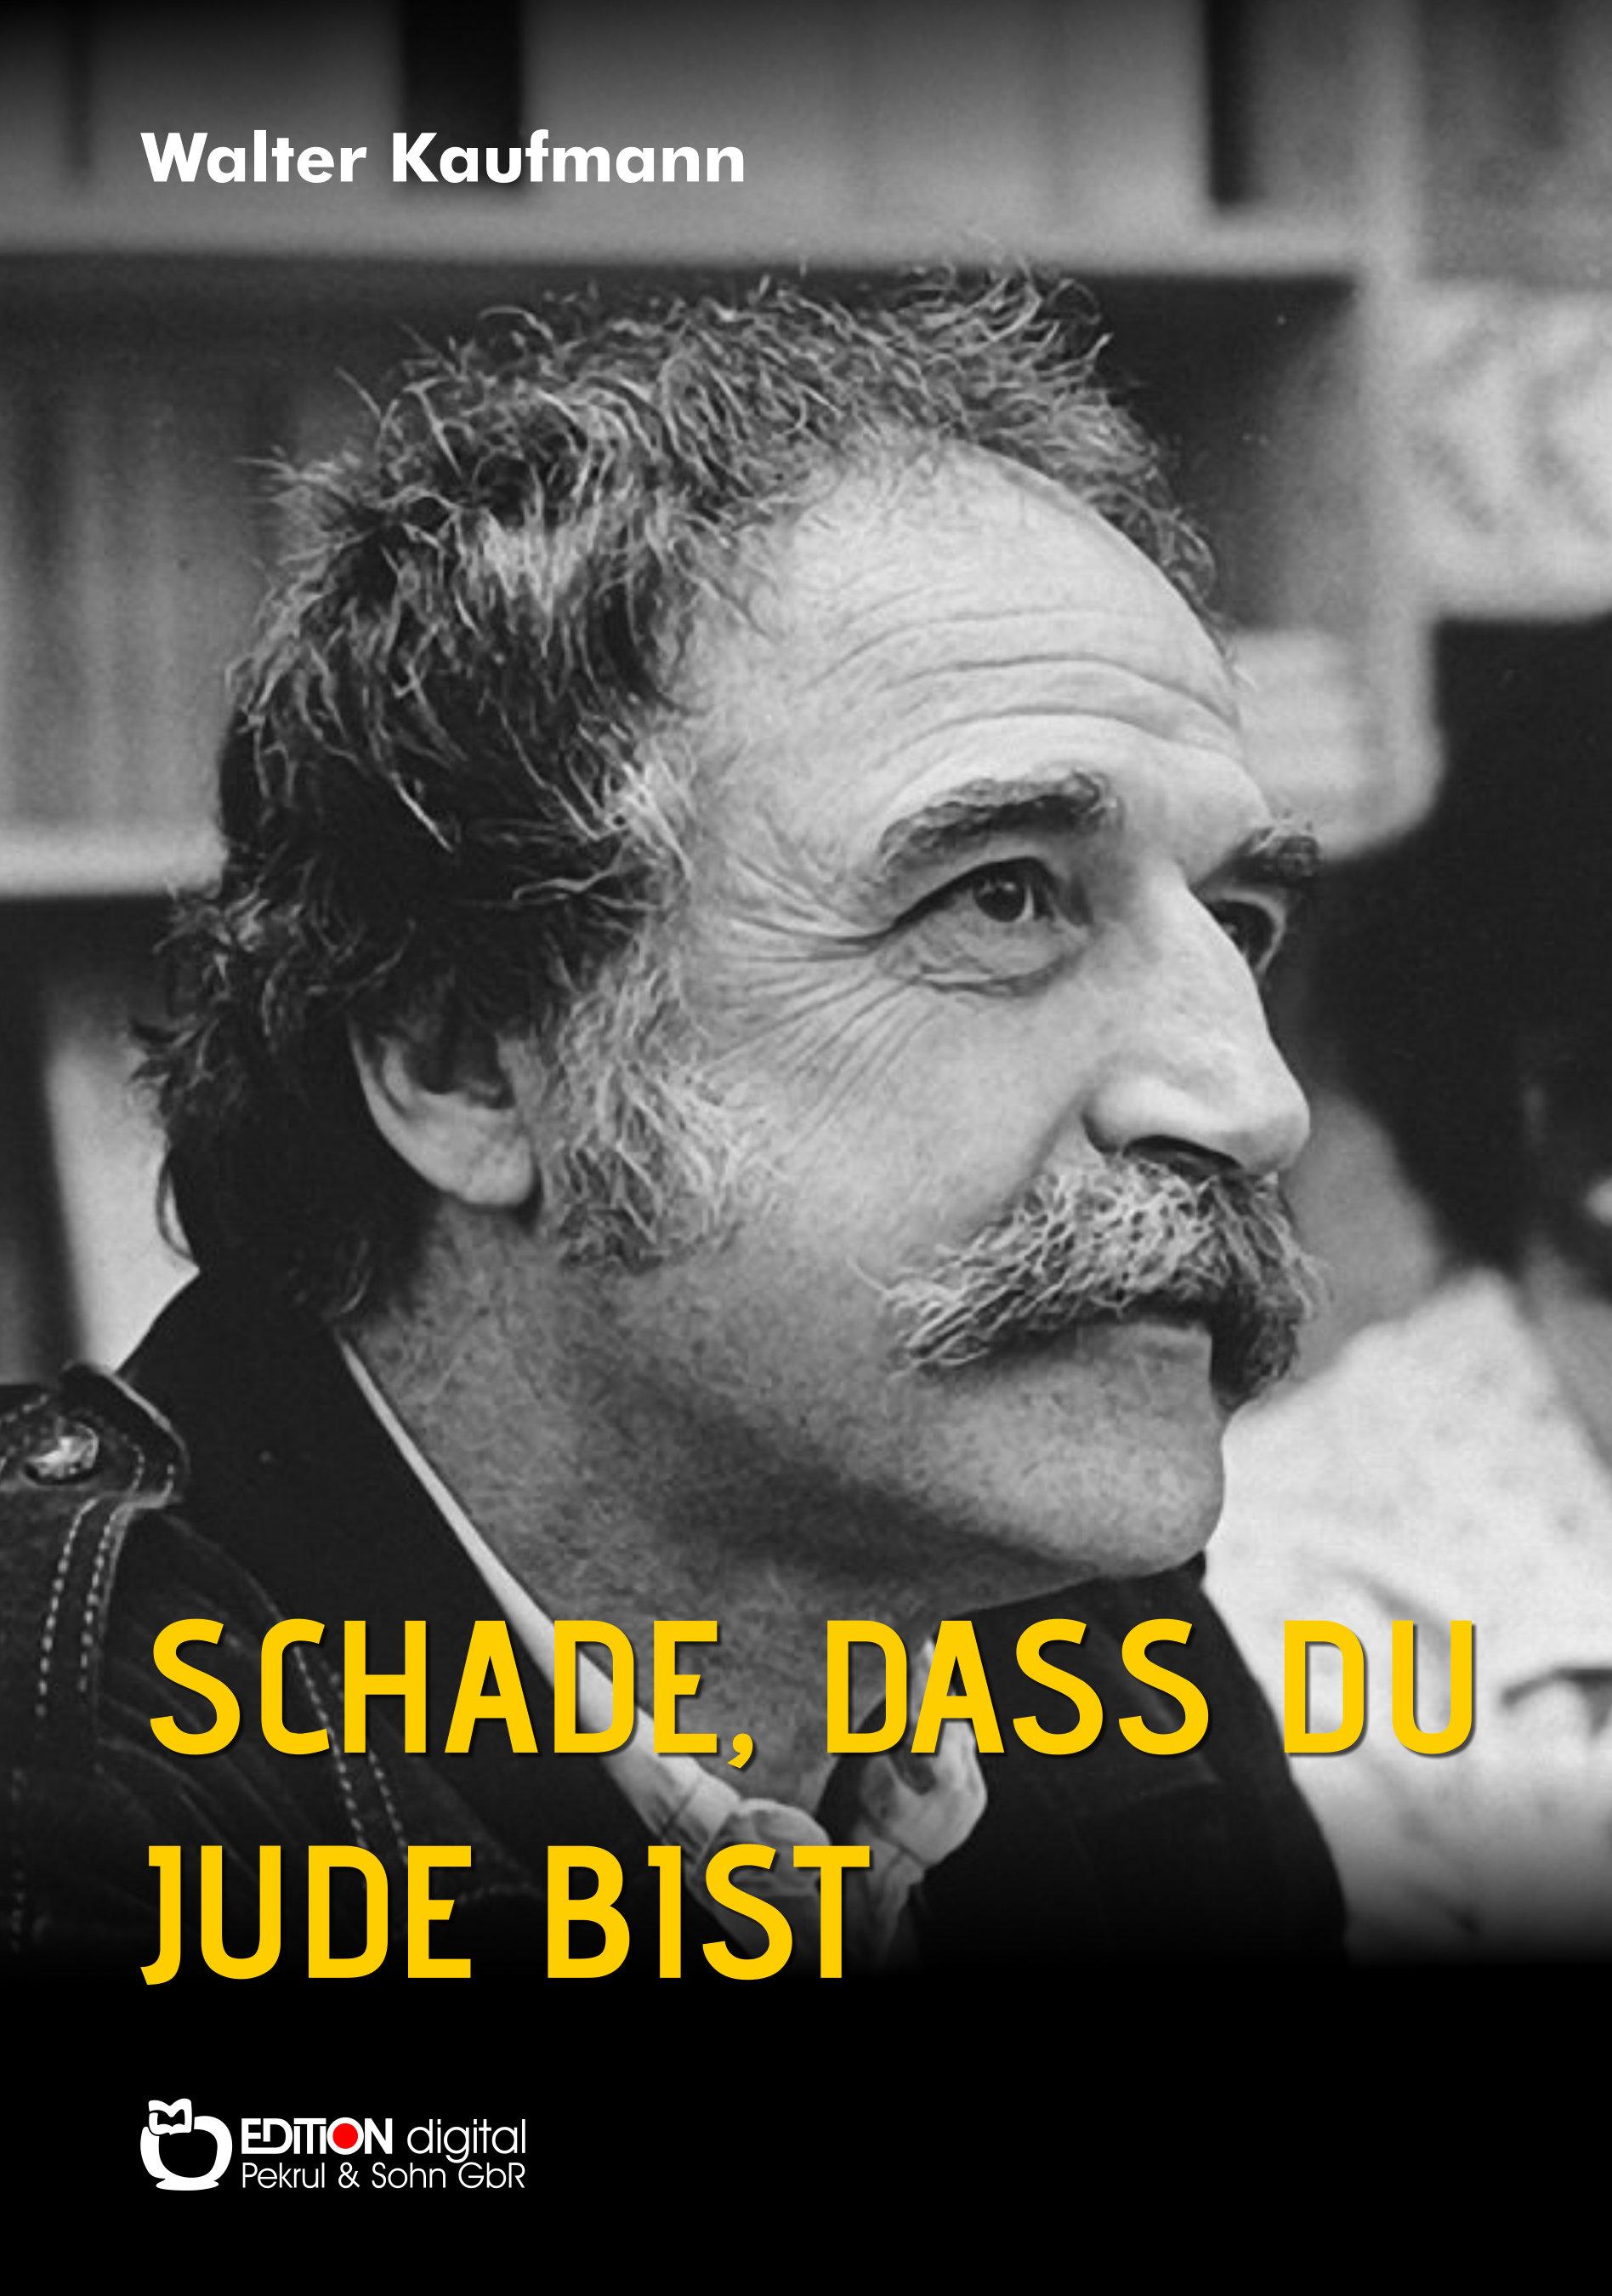 Schade, dass du Jude bist. Kaleidoskop eines Lebens - Autobiografische Erzählungen von Walter Kaufmann